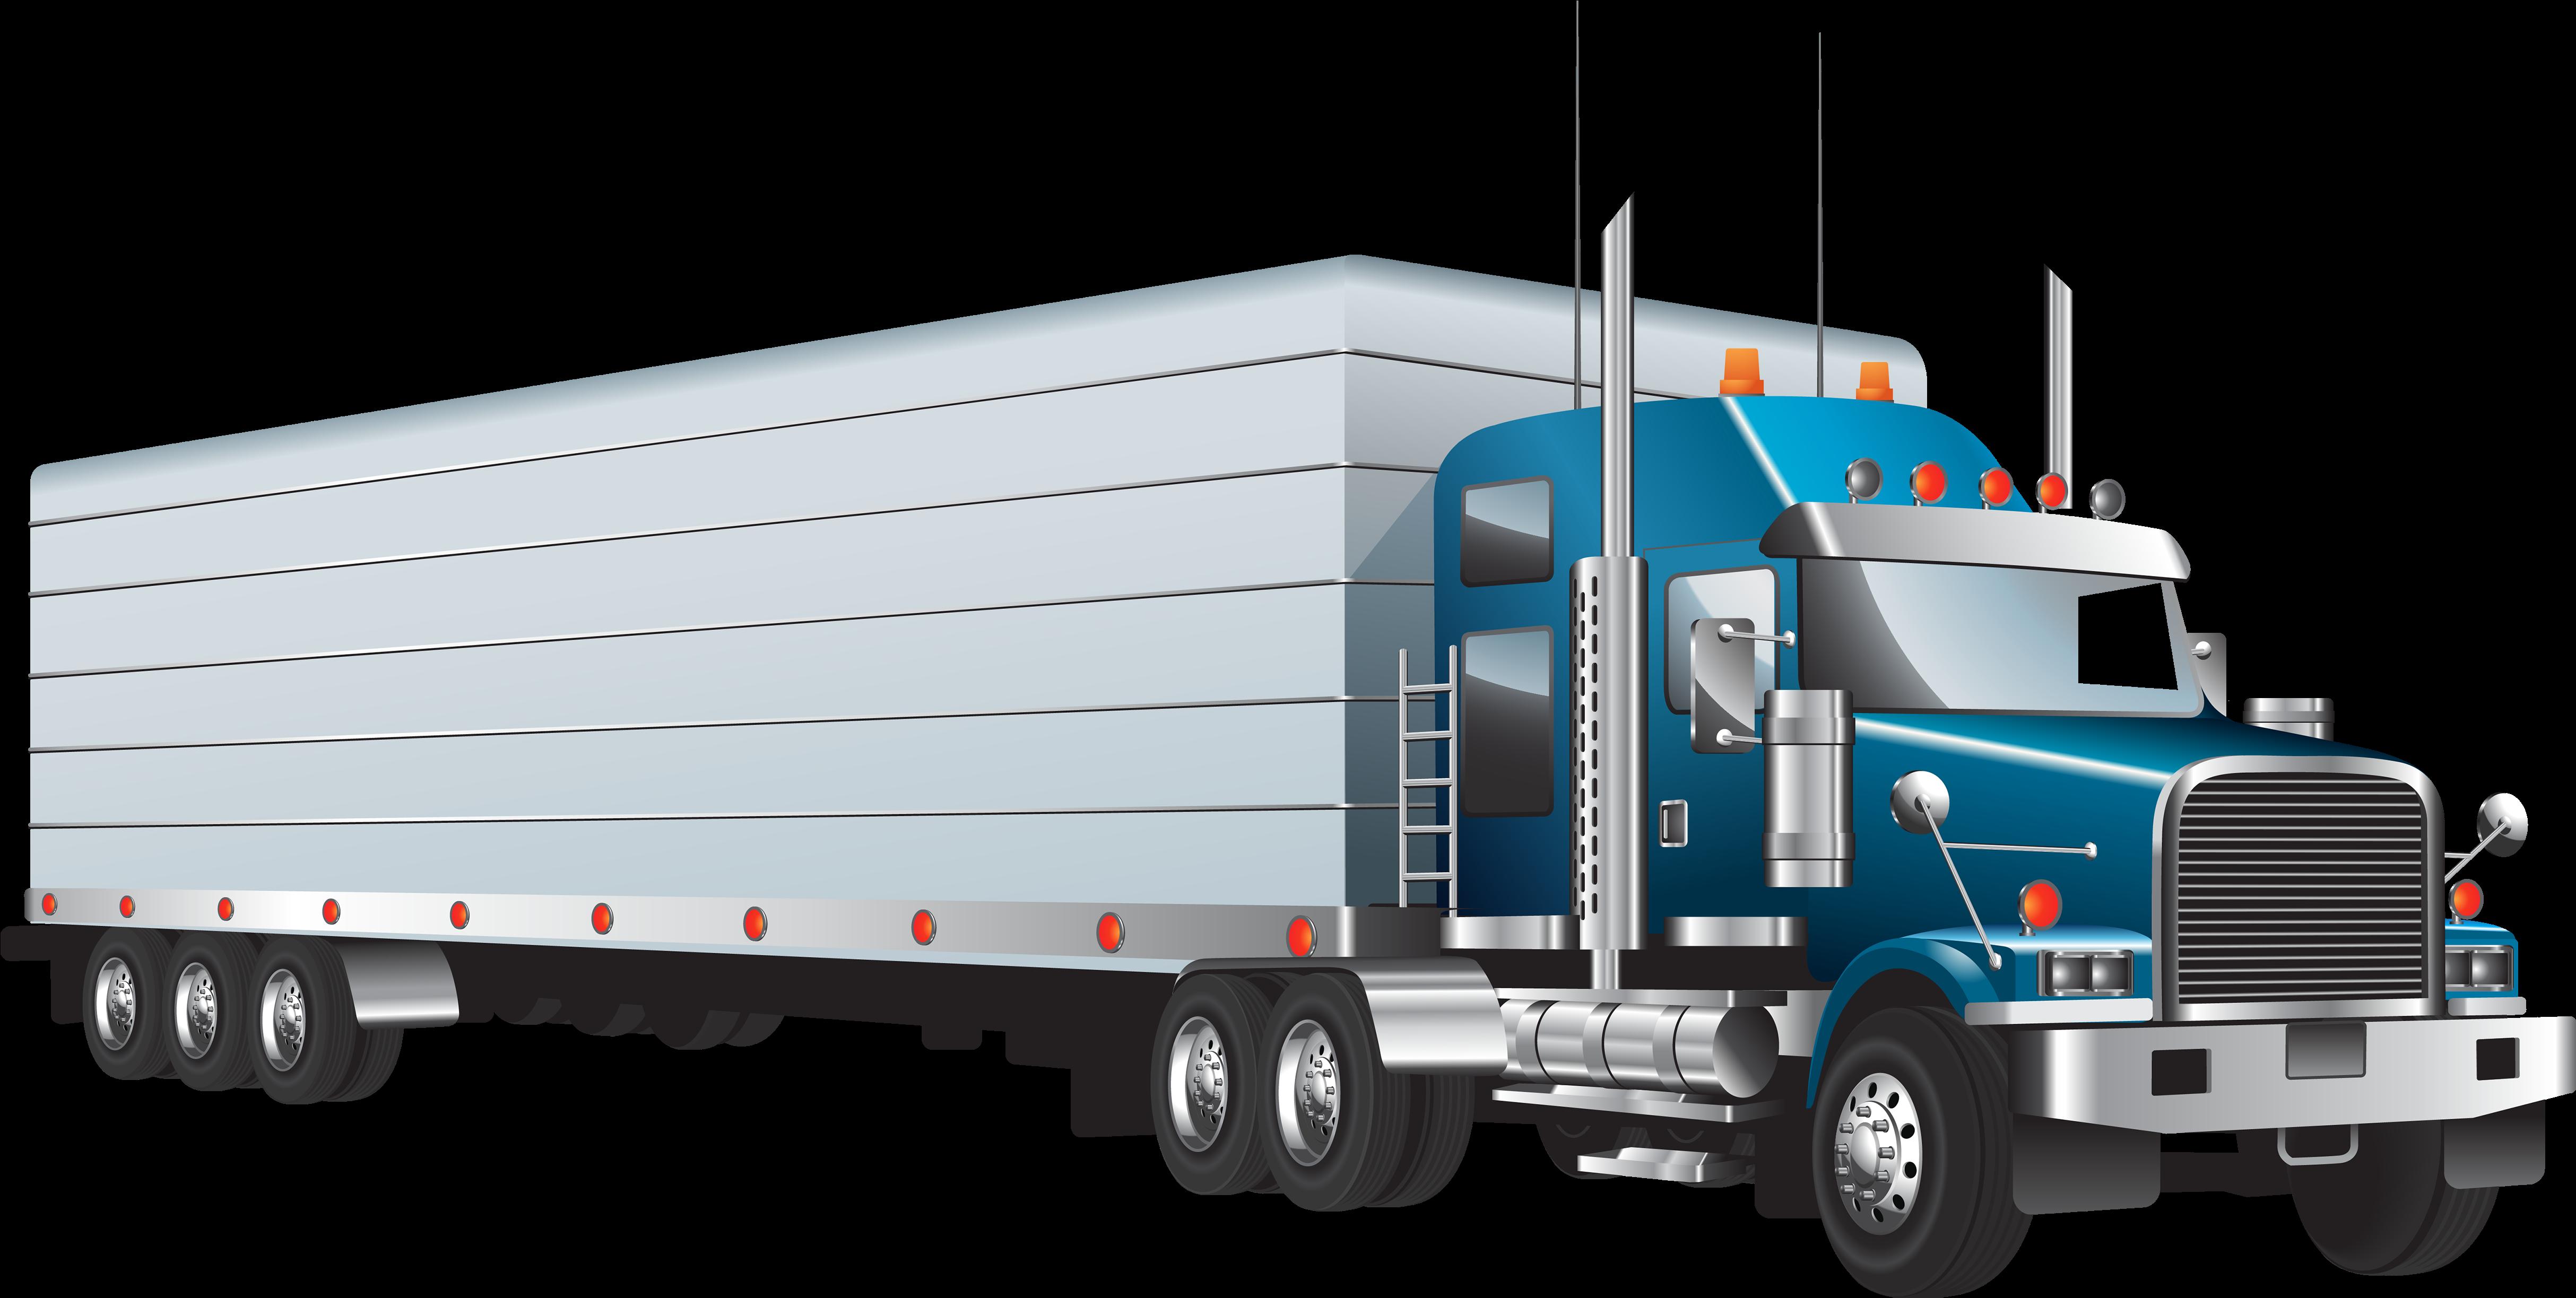 Transparent dump truck clip art - Semi Truck Clipart Web Cartoons Trucks Clipartandscrap